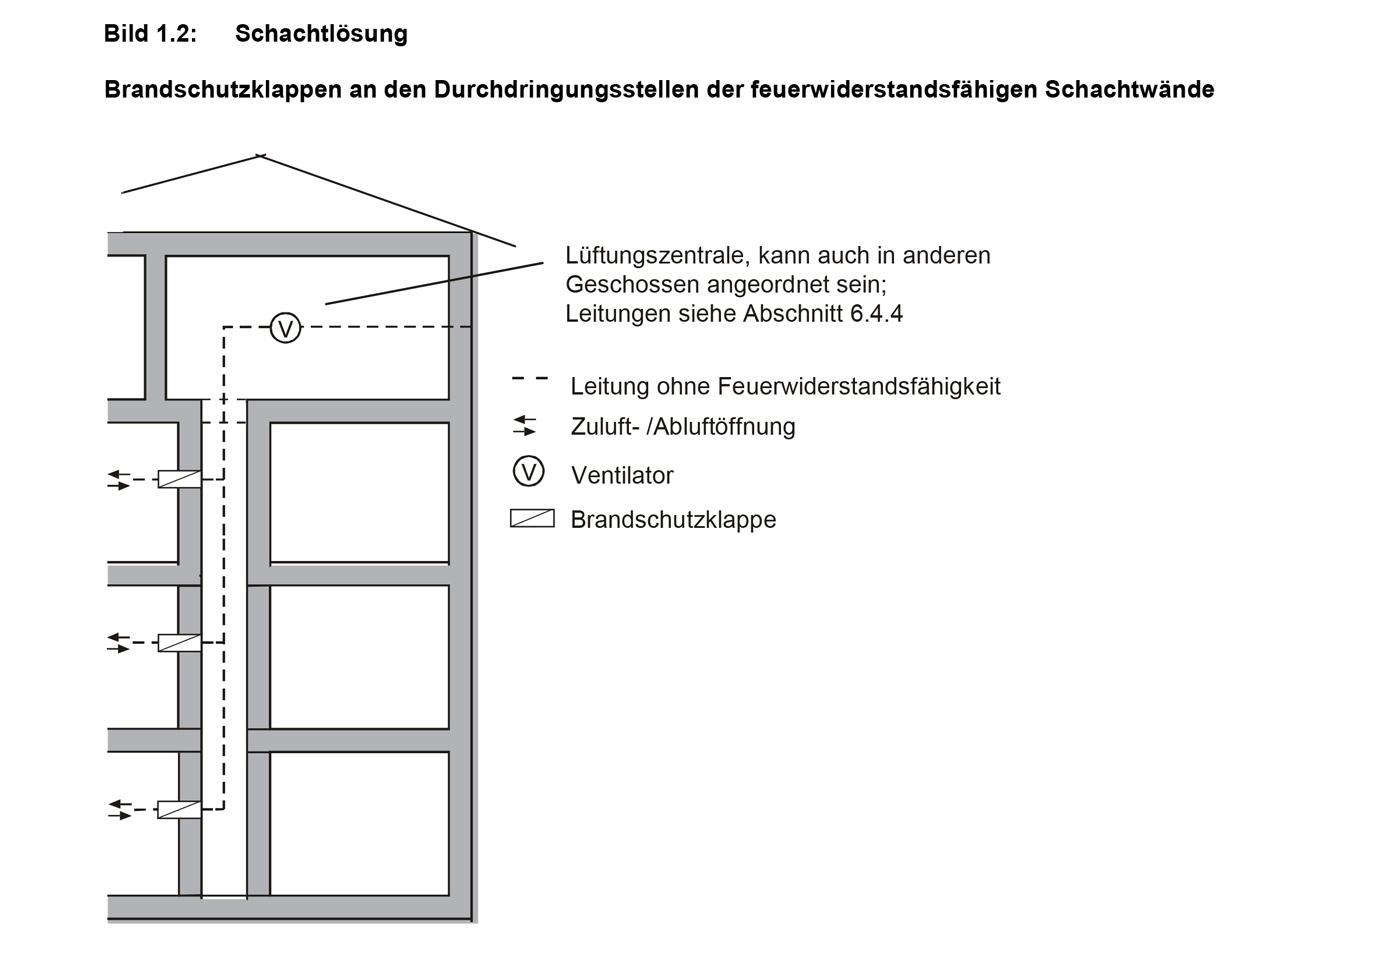 Brandschutzklappen / Schachtlösung